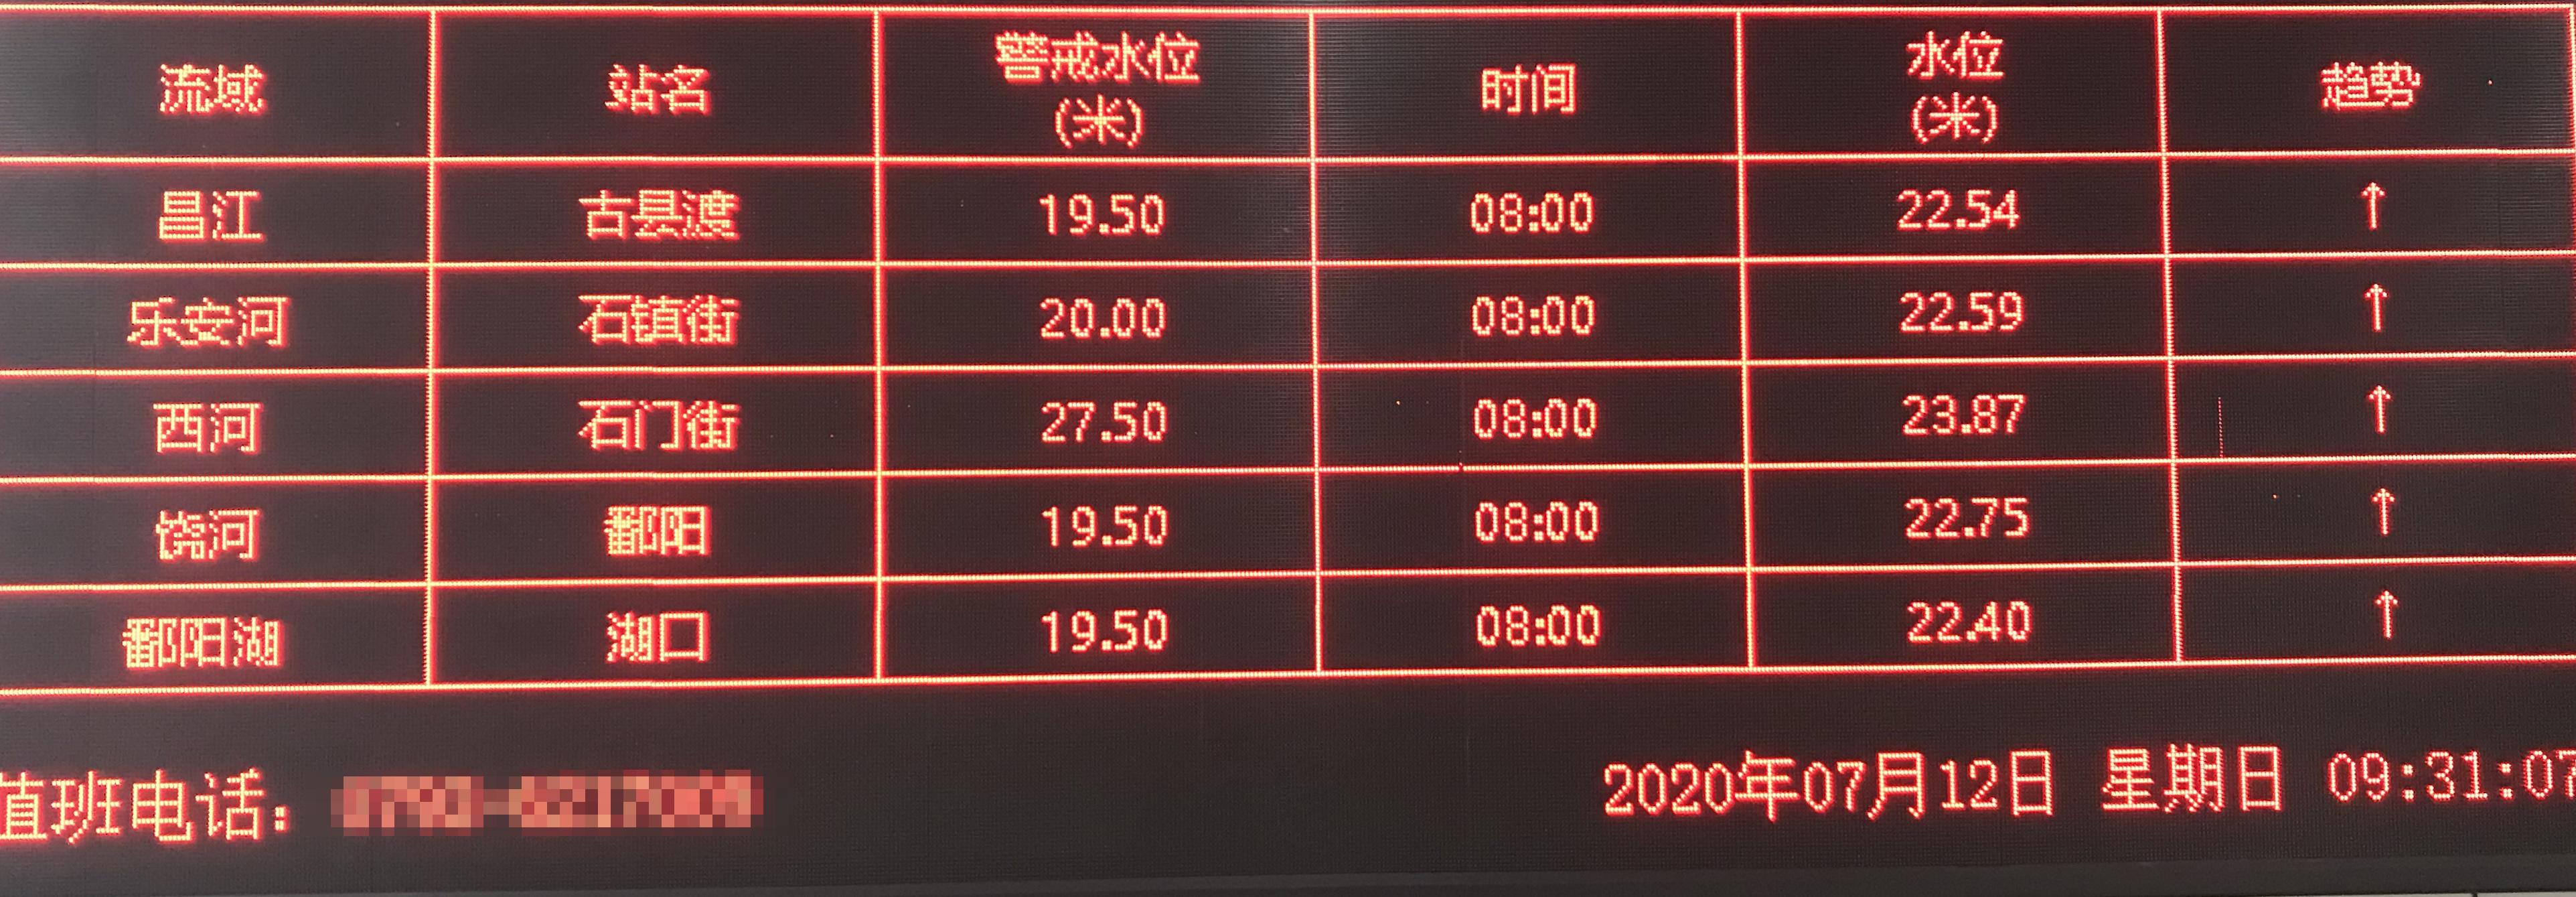 【网络营销】_江西饶河鄱阳站水位破1998年历史极值后,还上涨了多少?